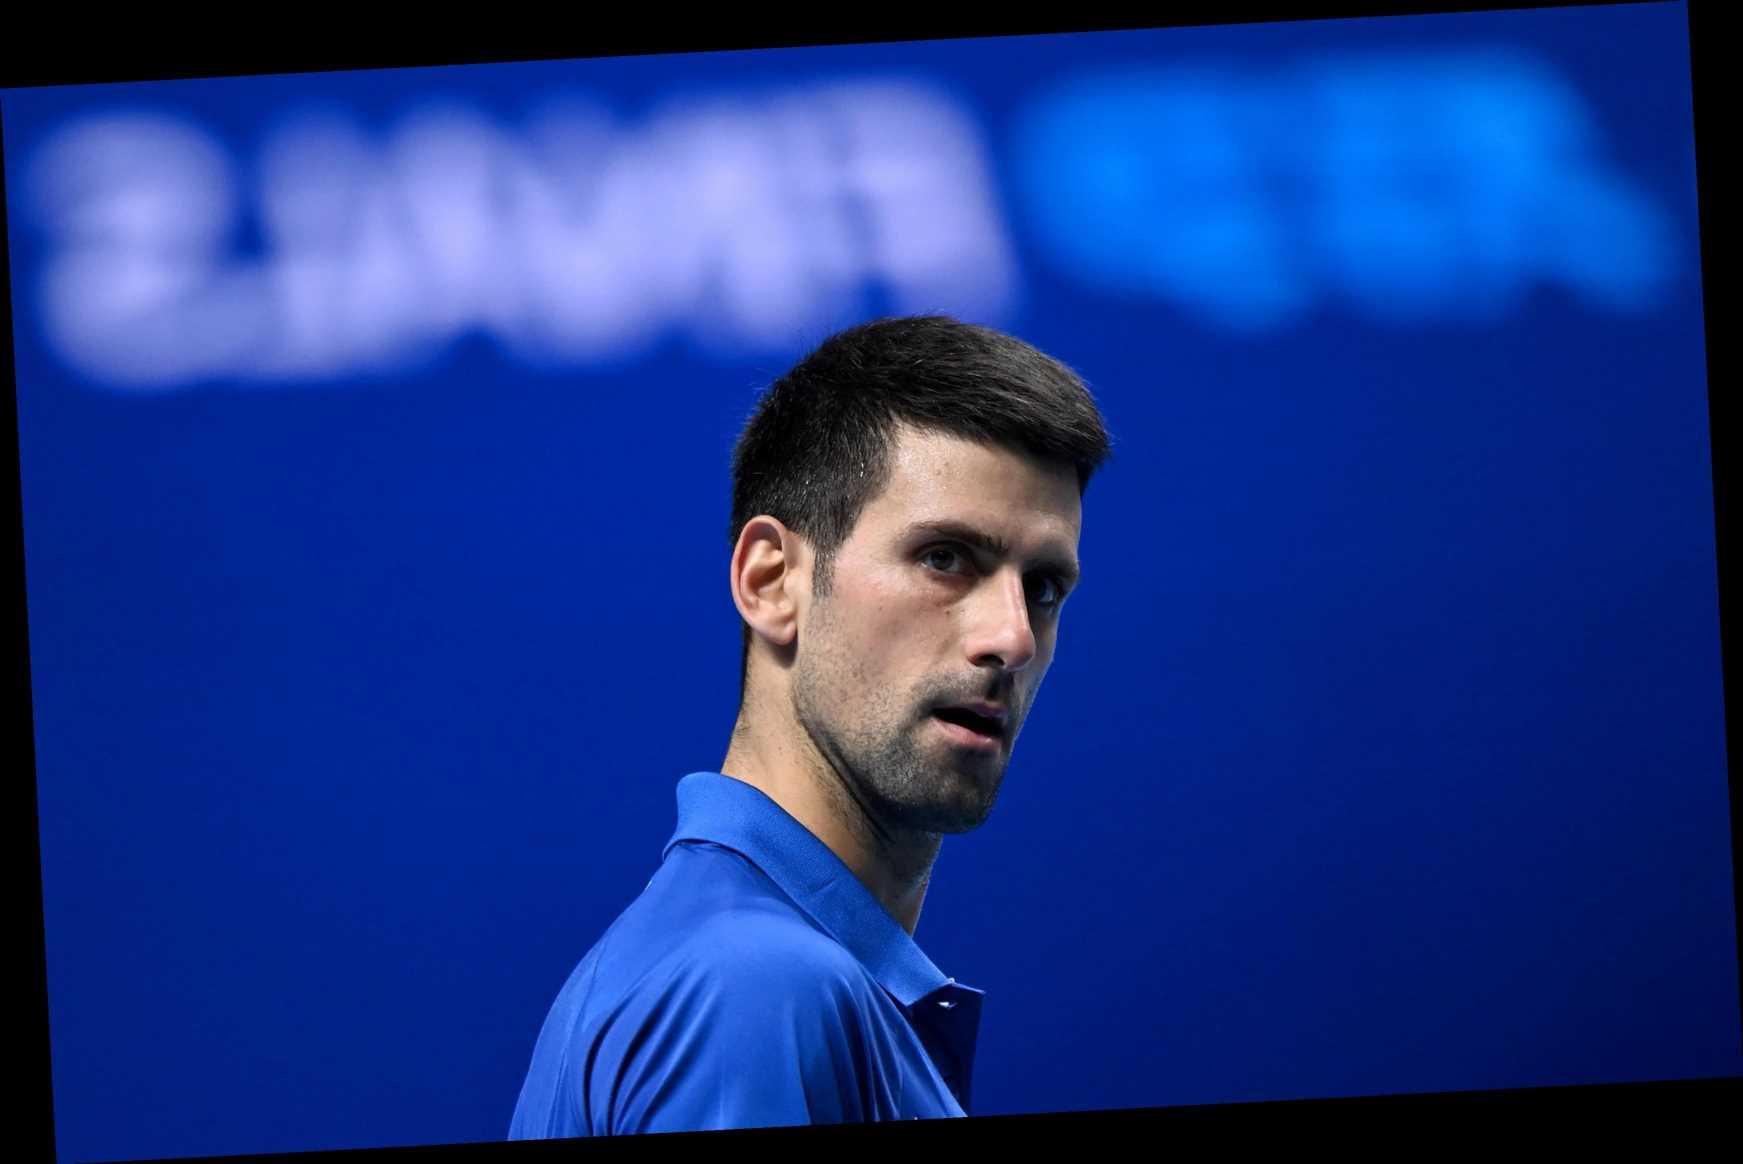 Dominic Thiem vs Novak Djokovic LIVE: ATP Finals 2020 latest updates